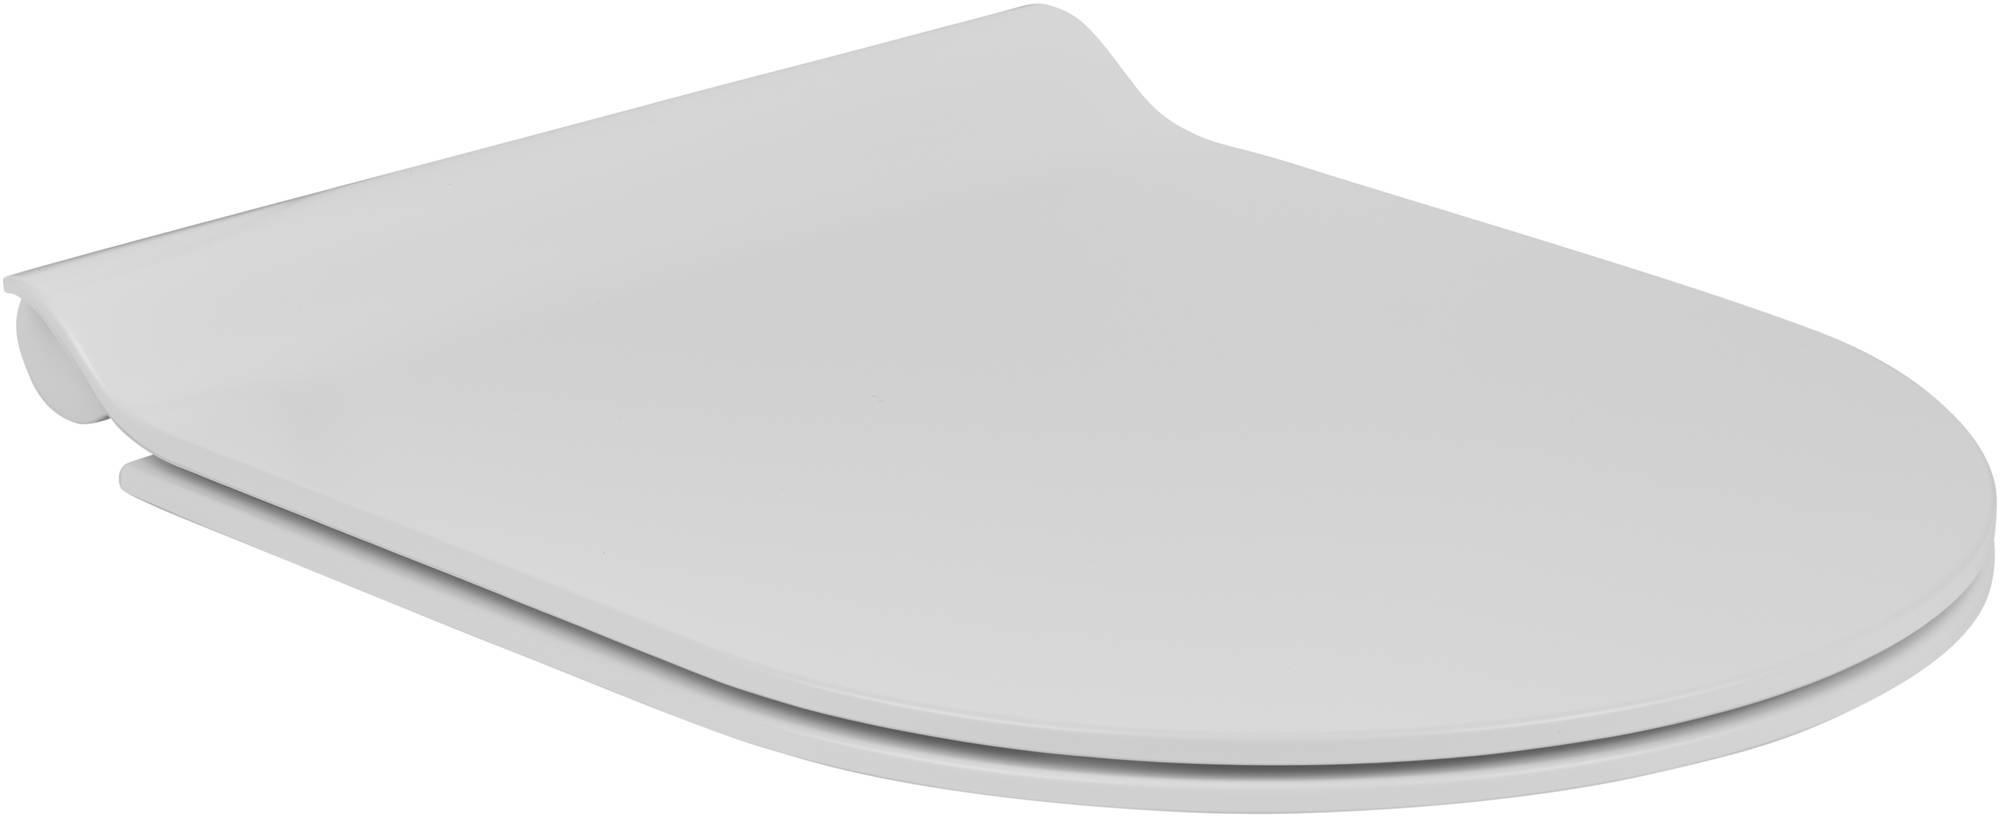 Ben Sito/Segno/Scuro Closetzitting met softclose & quickrelease 36,5x45,5x2,5 cm Mat Wit